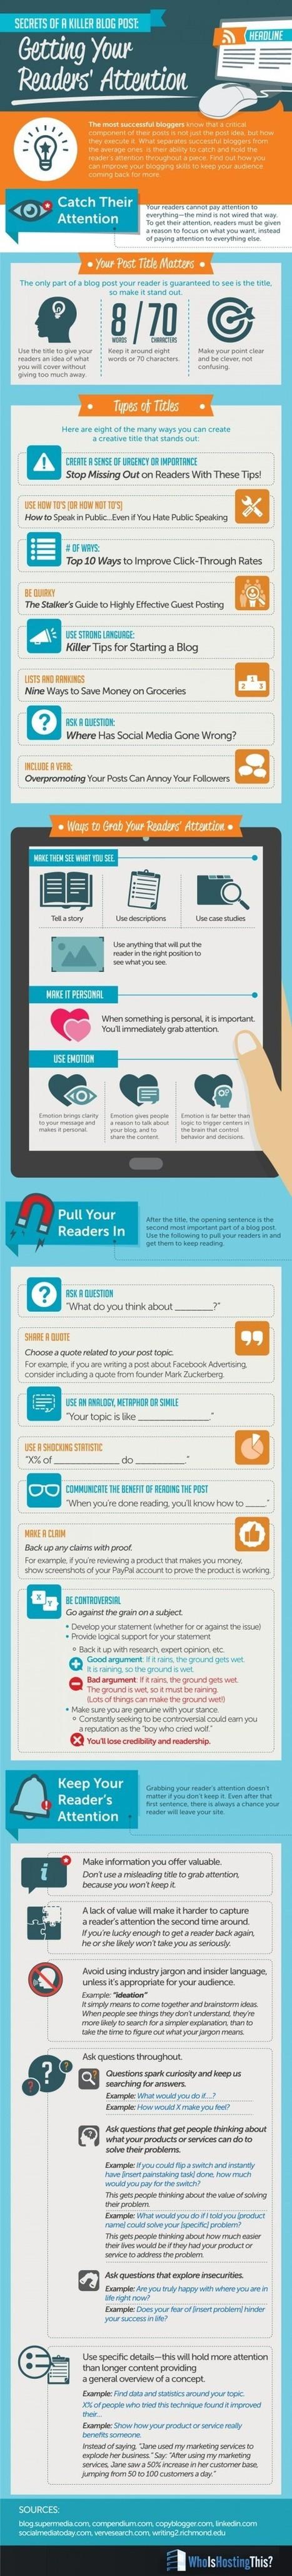 Les Secrets d'un Billet de Blog Irrésistible ! – Infographie | Emarketinglicious | Web Marketing - Référencement | Scoop.it